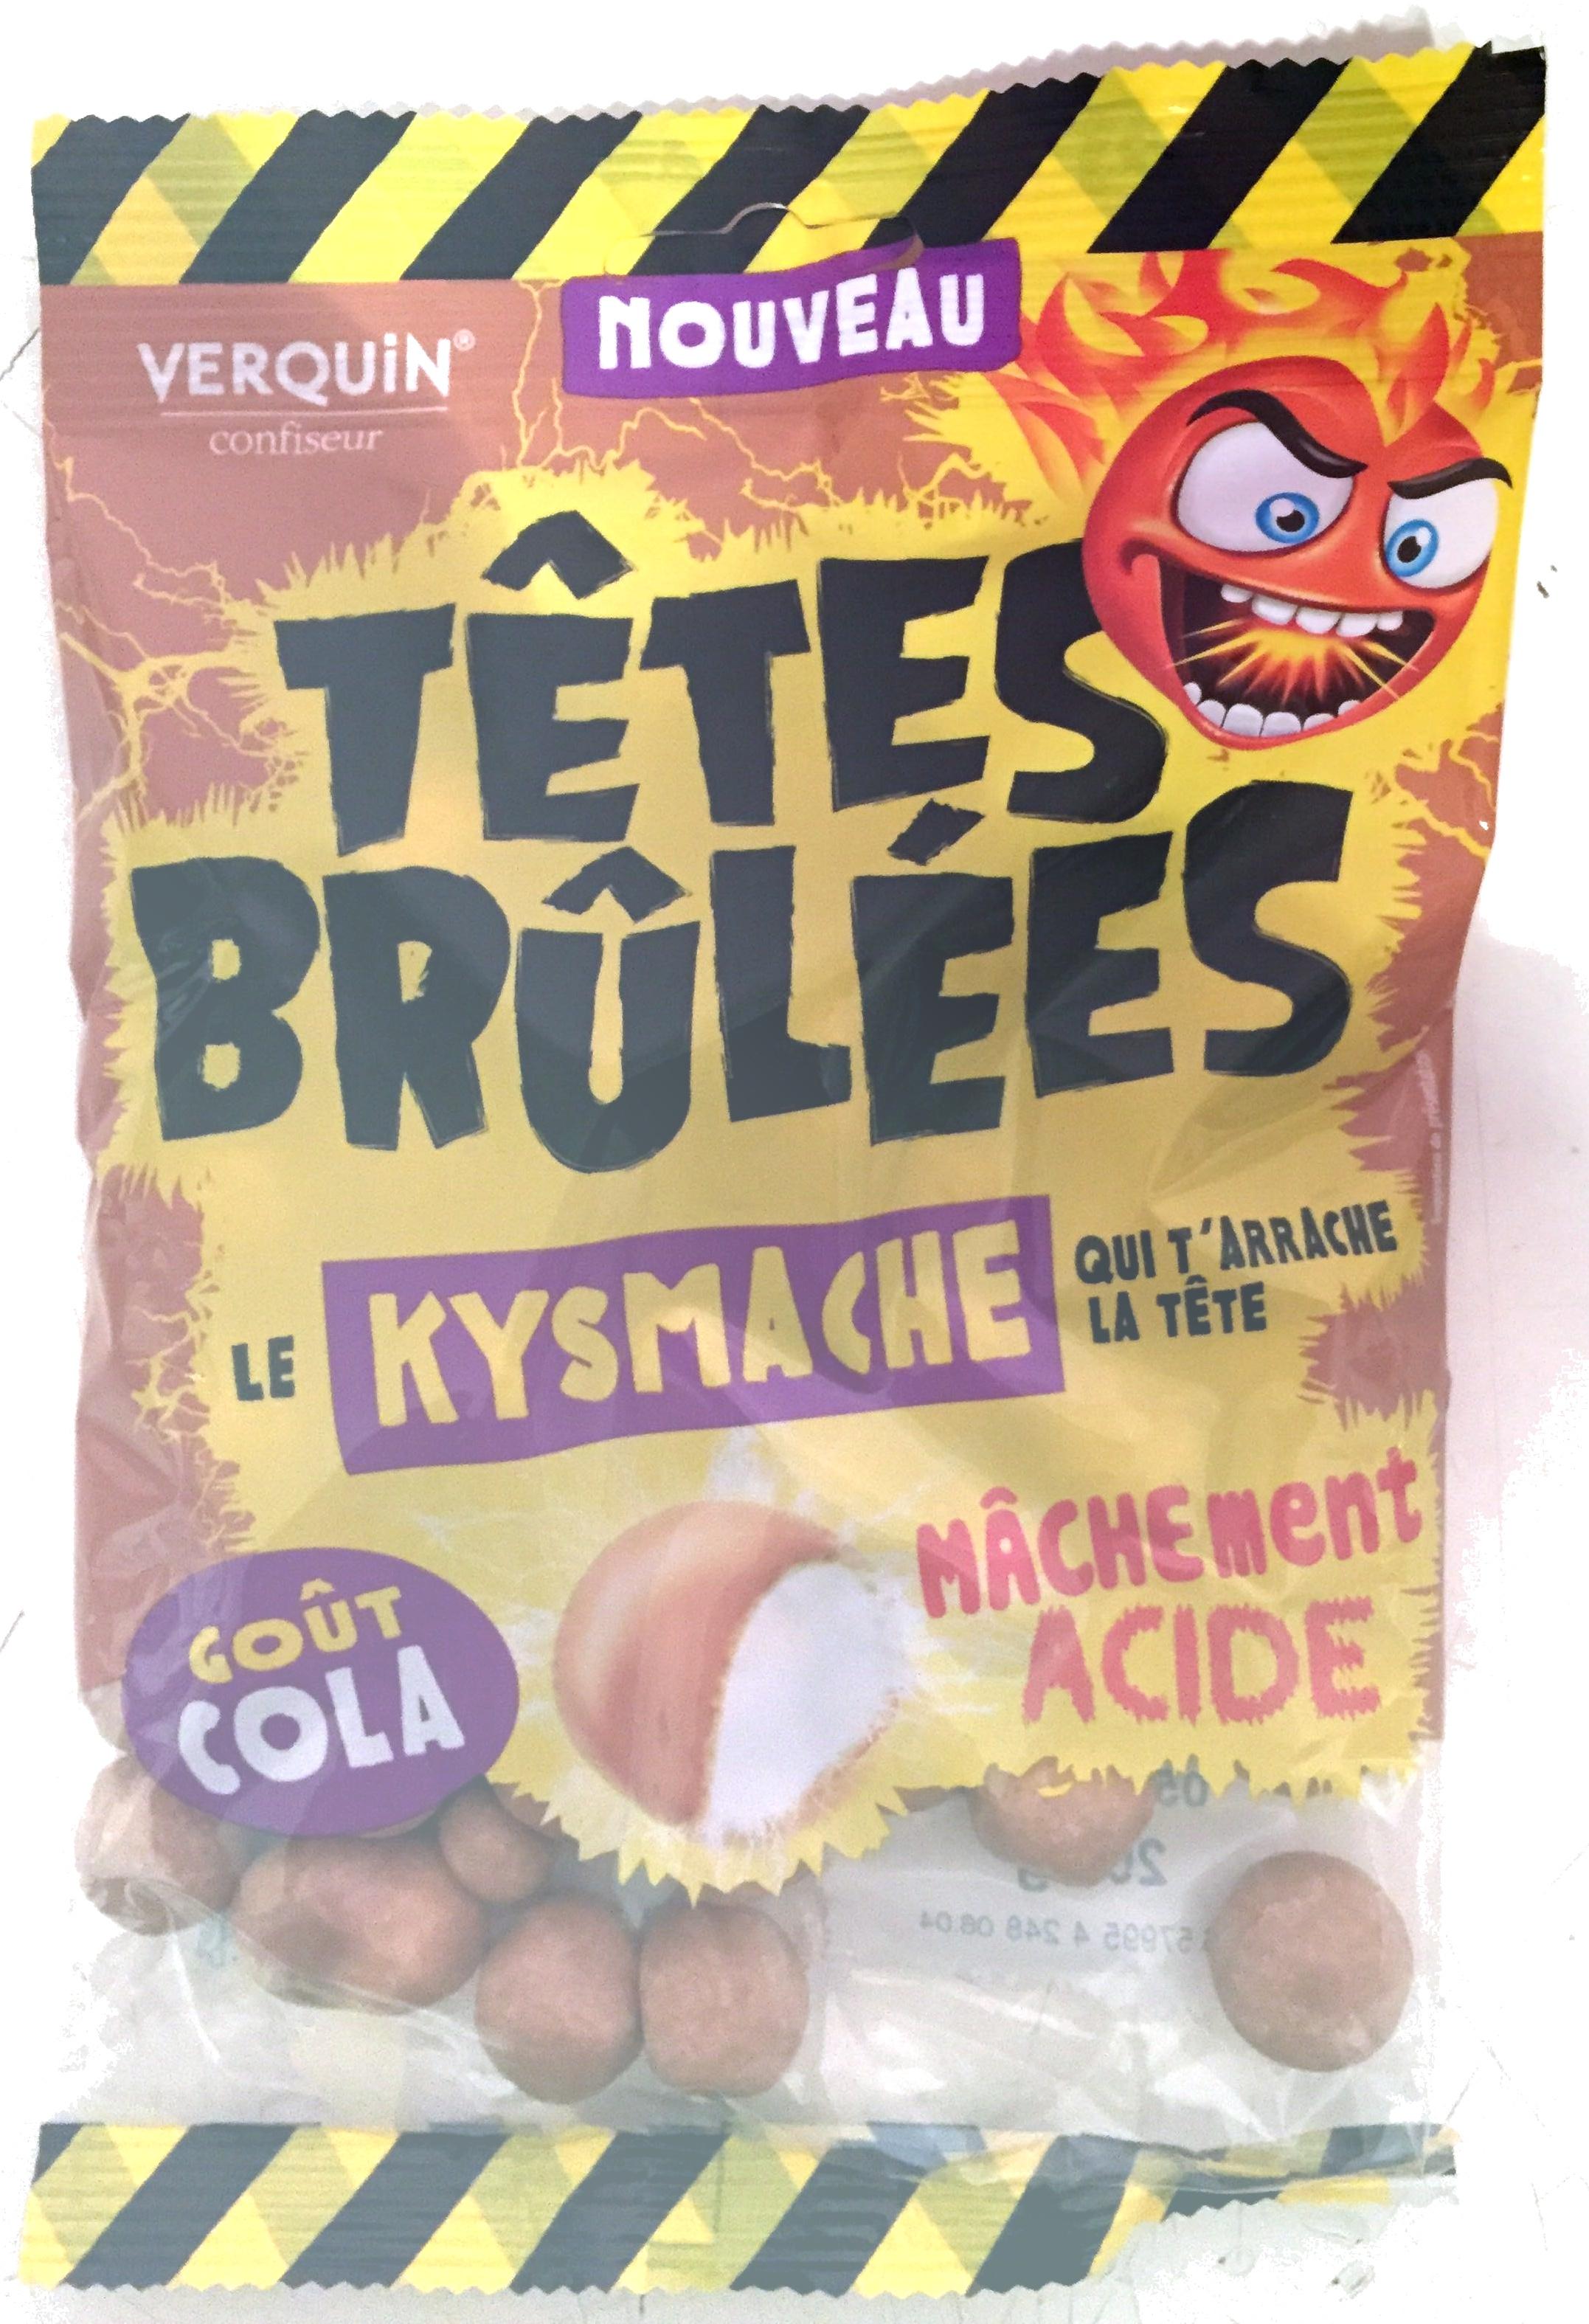 T tes br l es le kysmache go t cola verquin 200g - Acide citrique leclerc ...